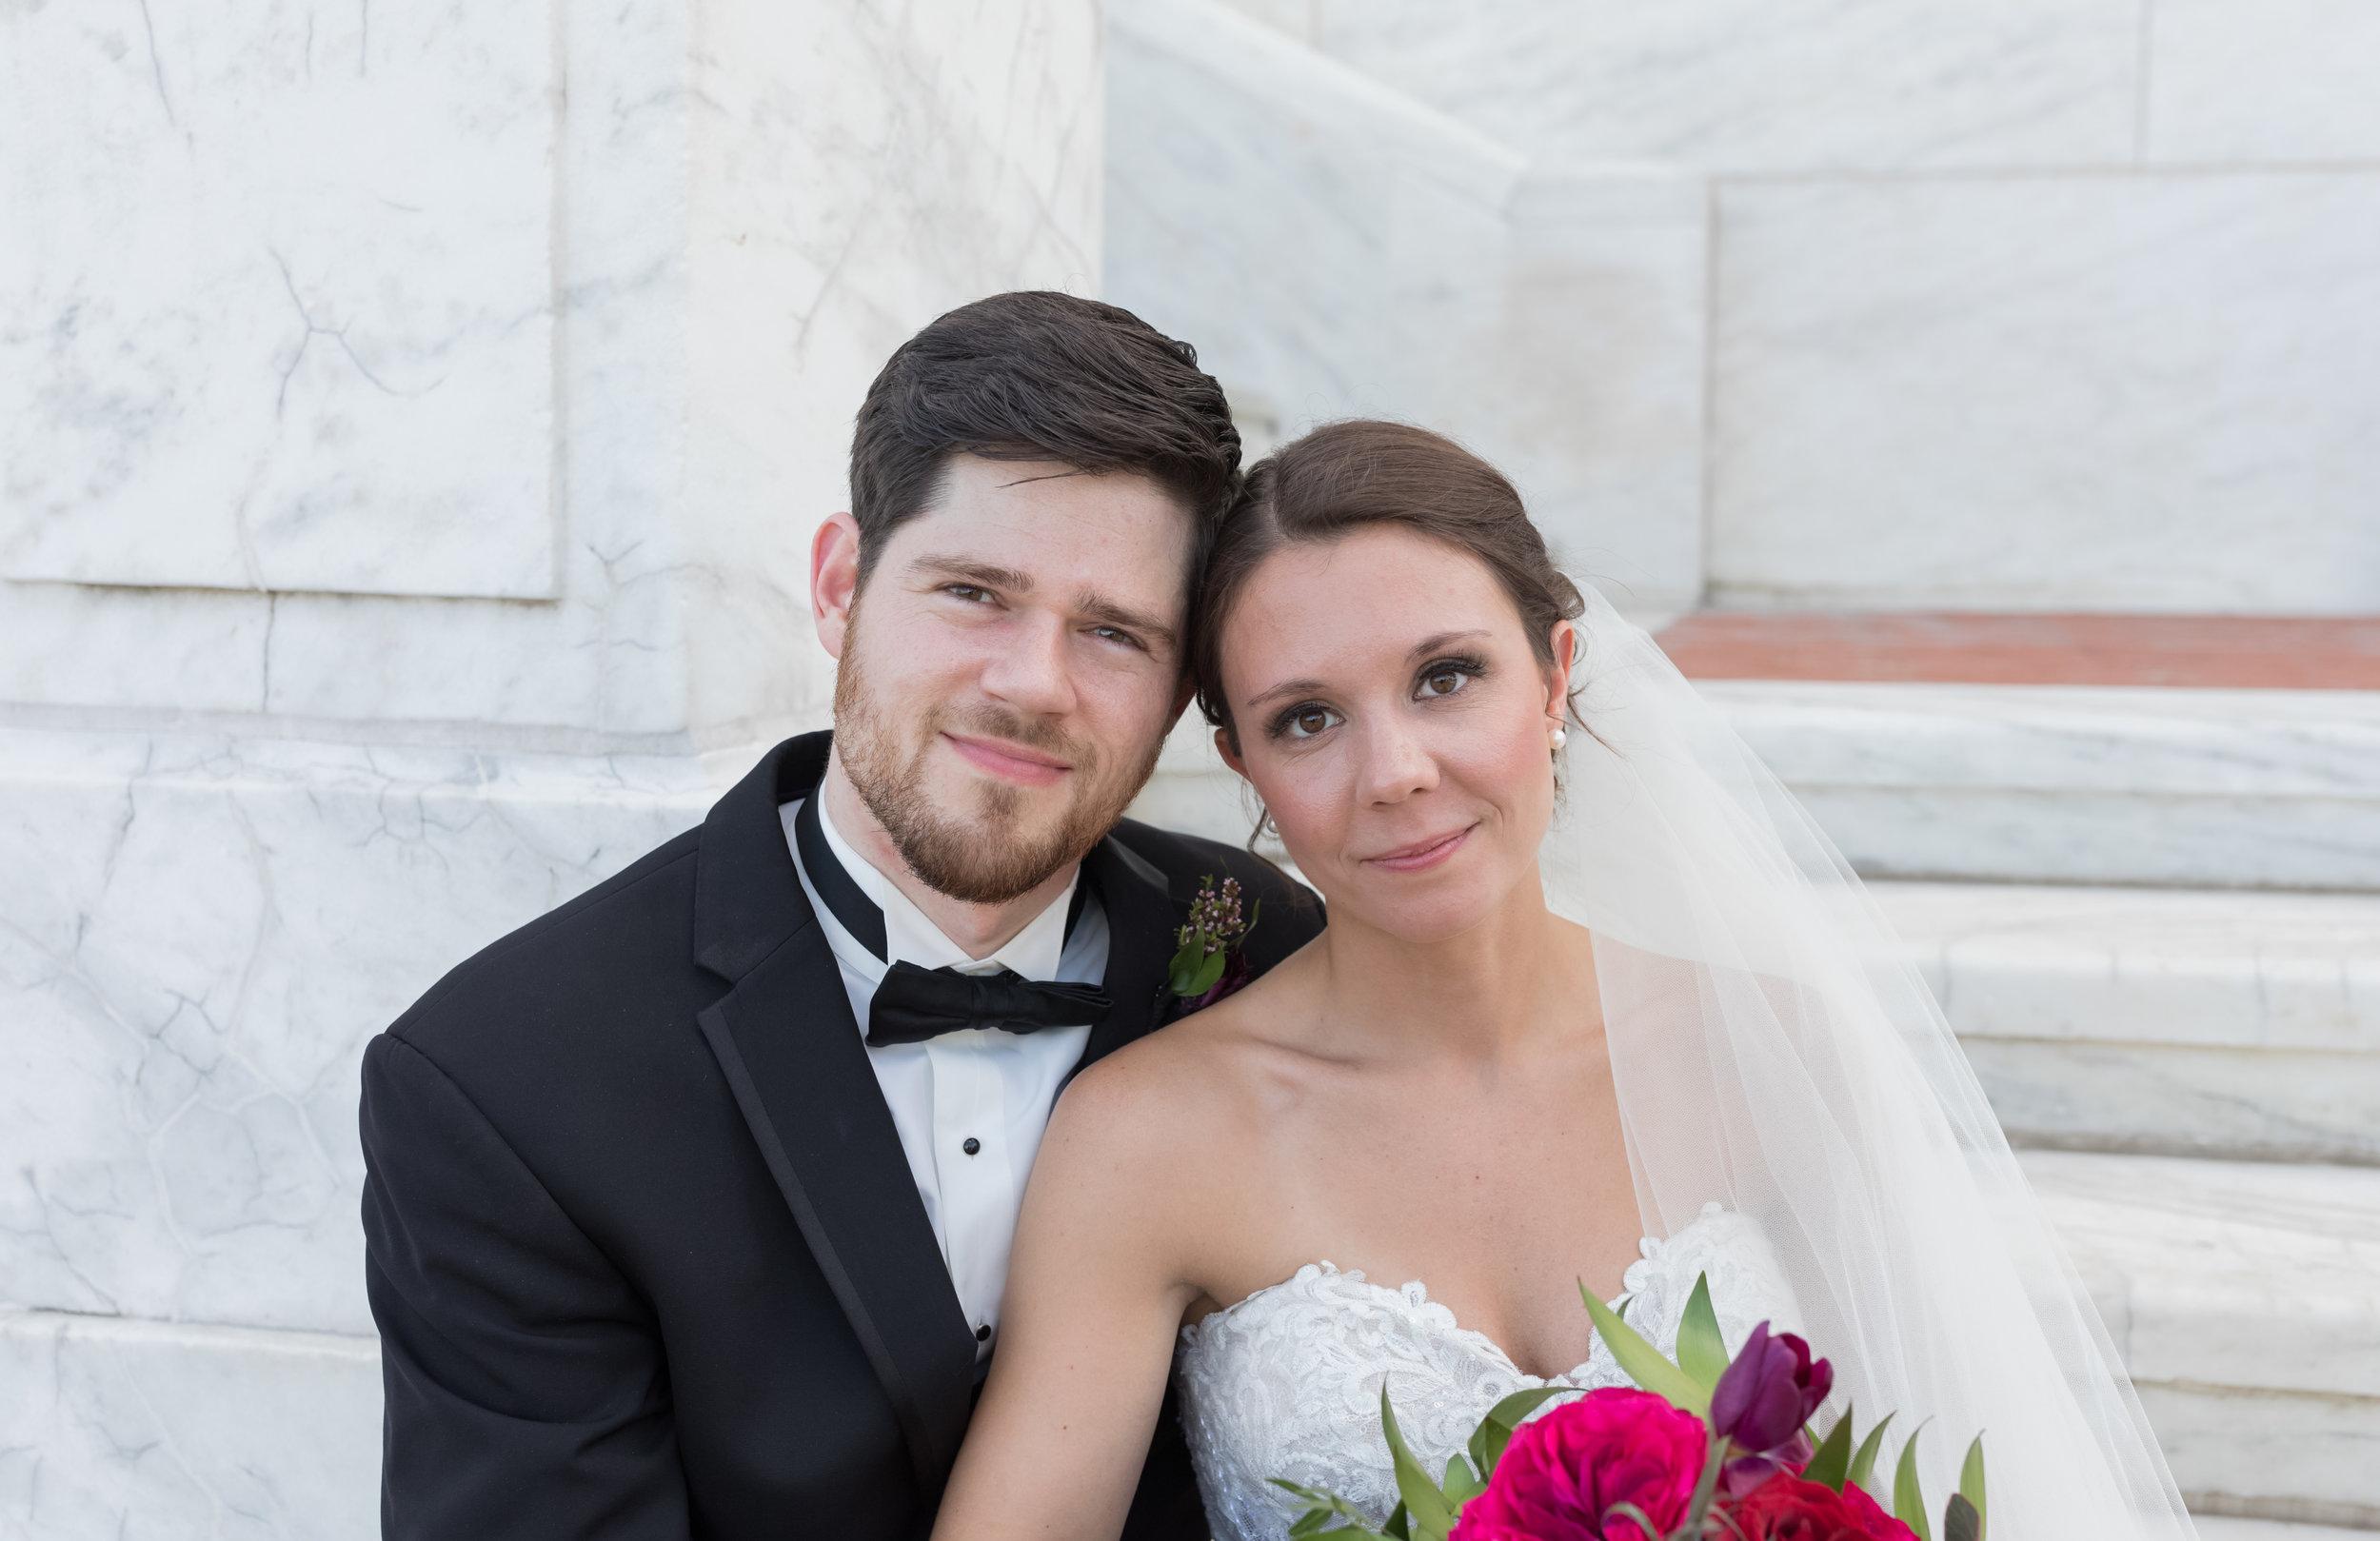 shareyah_John_detroit_wedding_preview_051.JPG